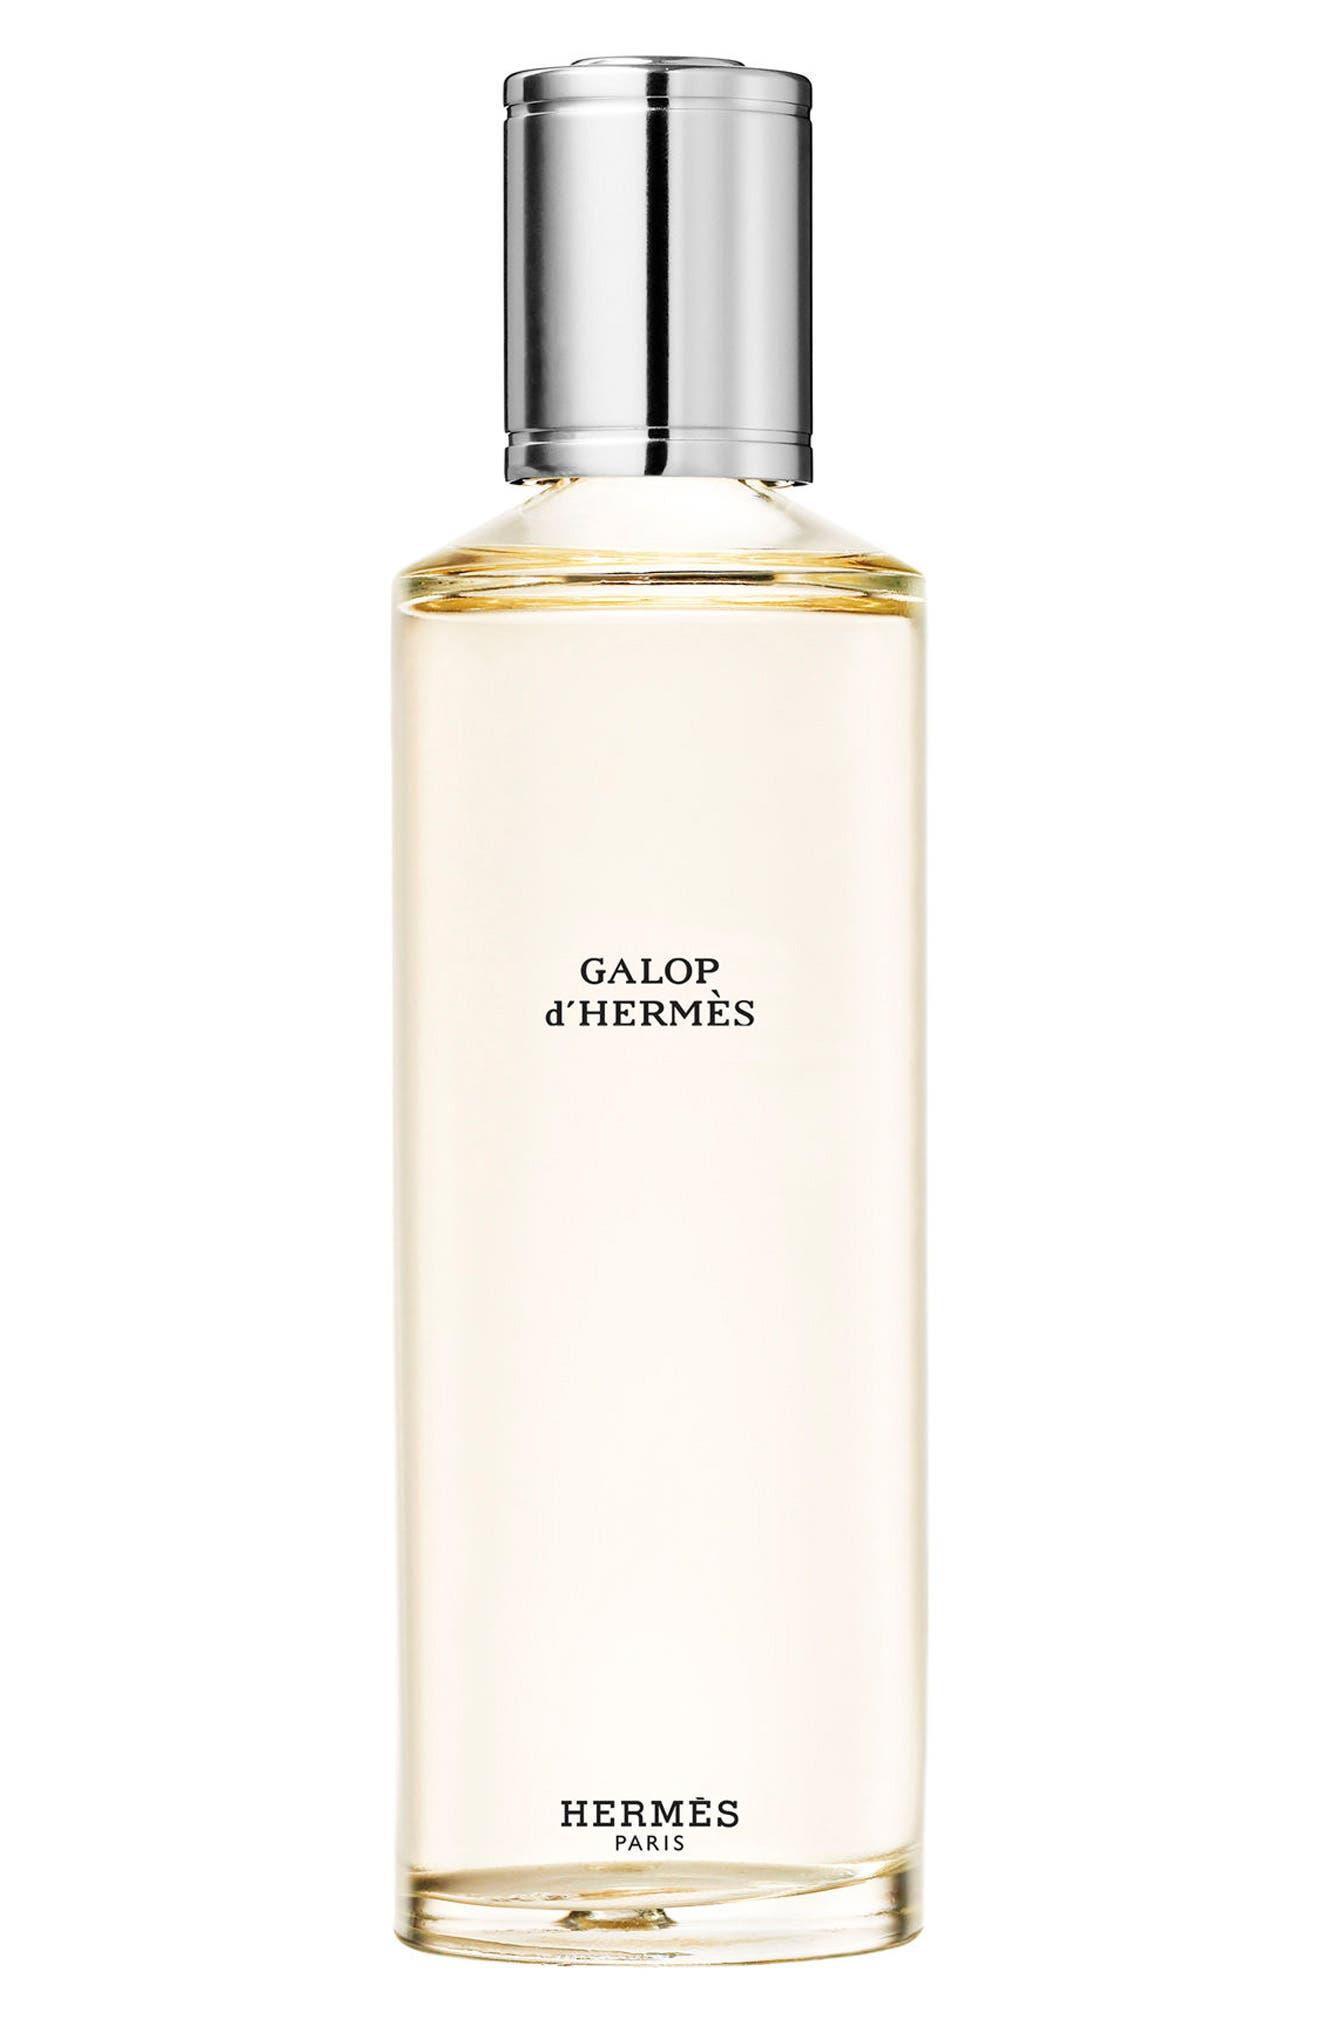 Galop d'Hermès - Parfum Refill,                             Main thumbnail 1, color,                             No Color